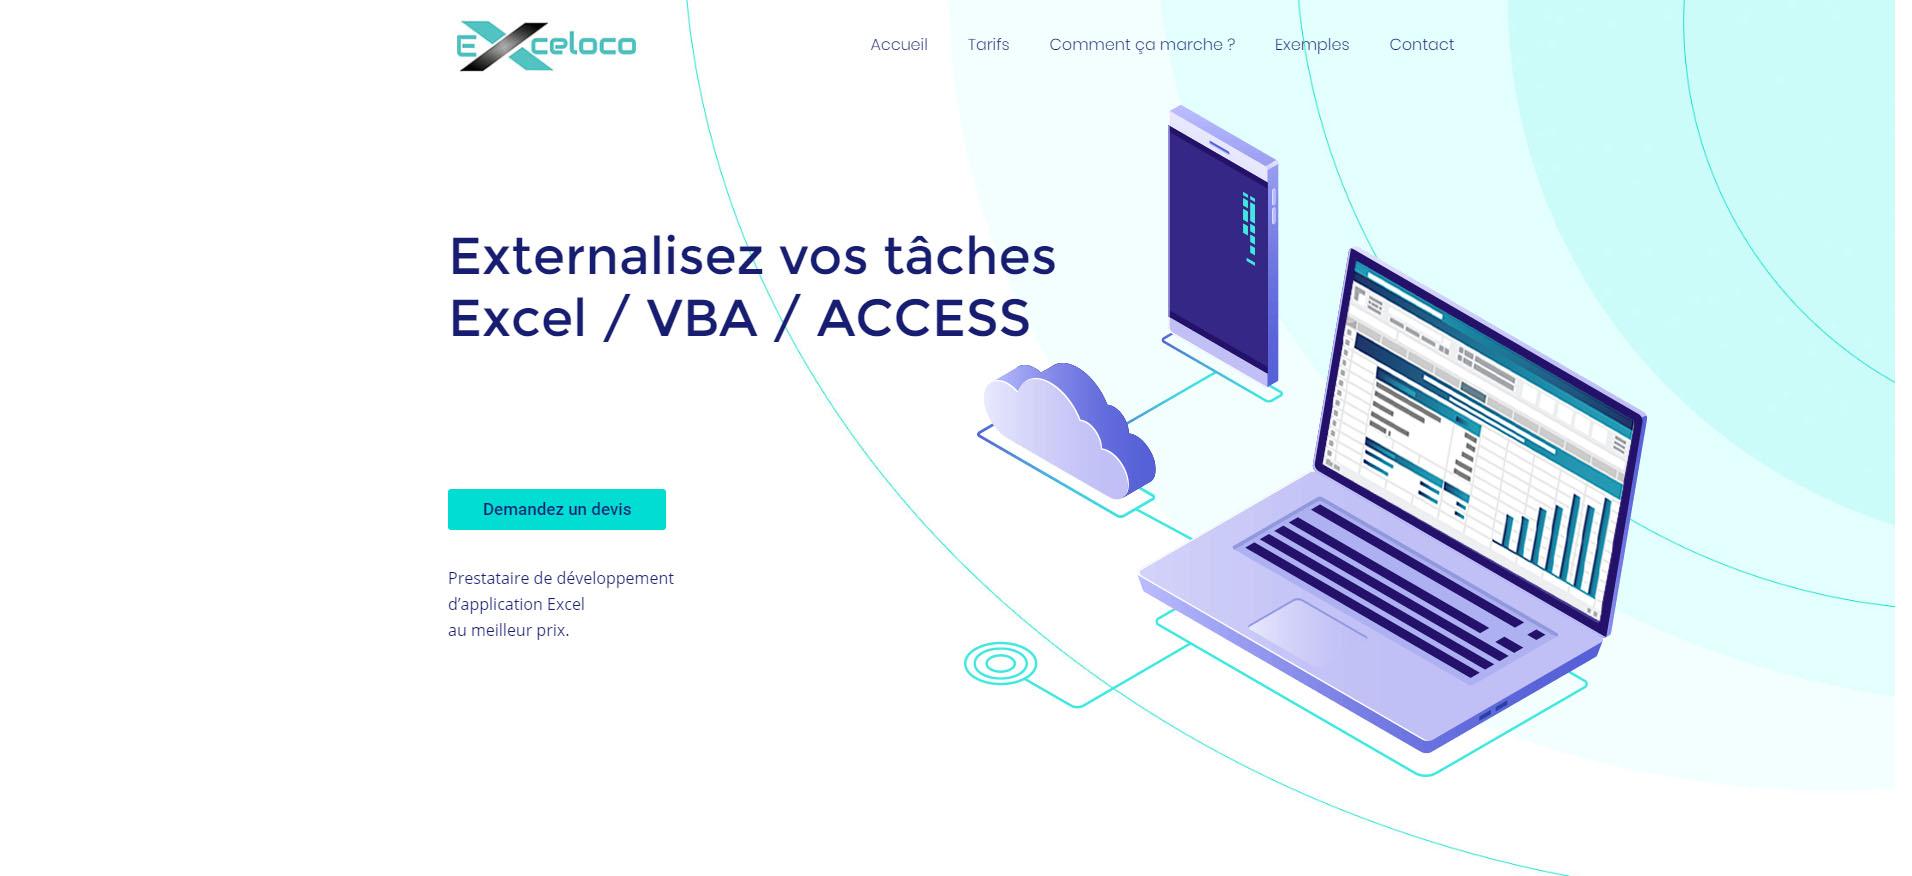 exceloco.com